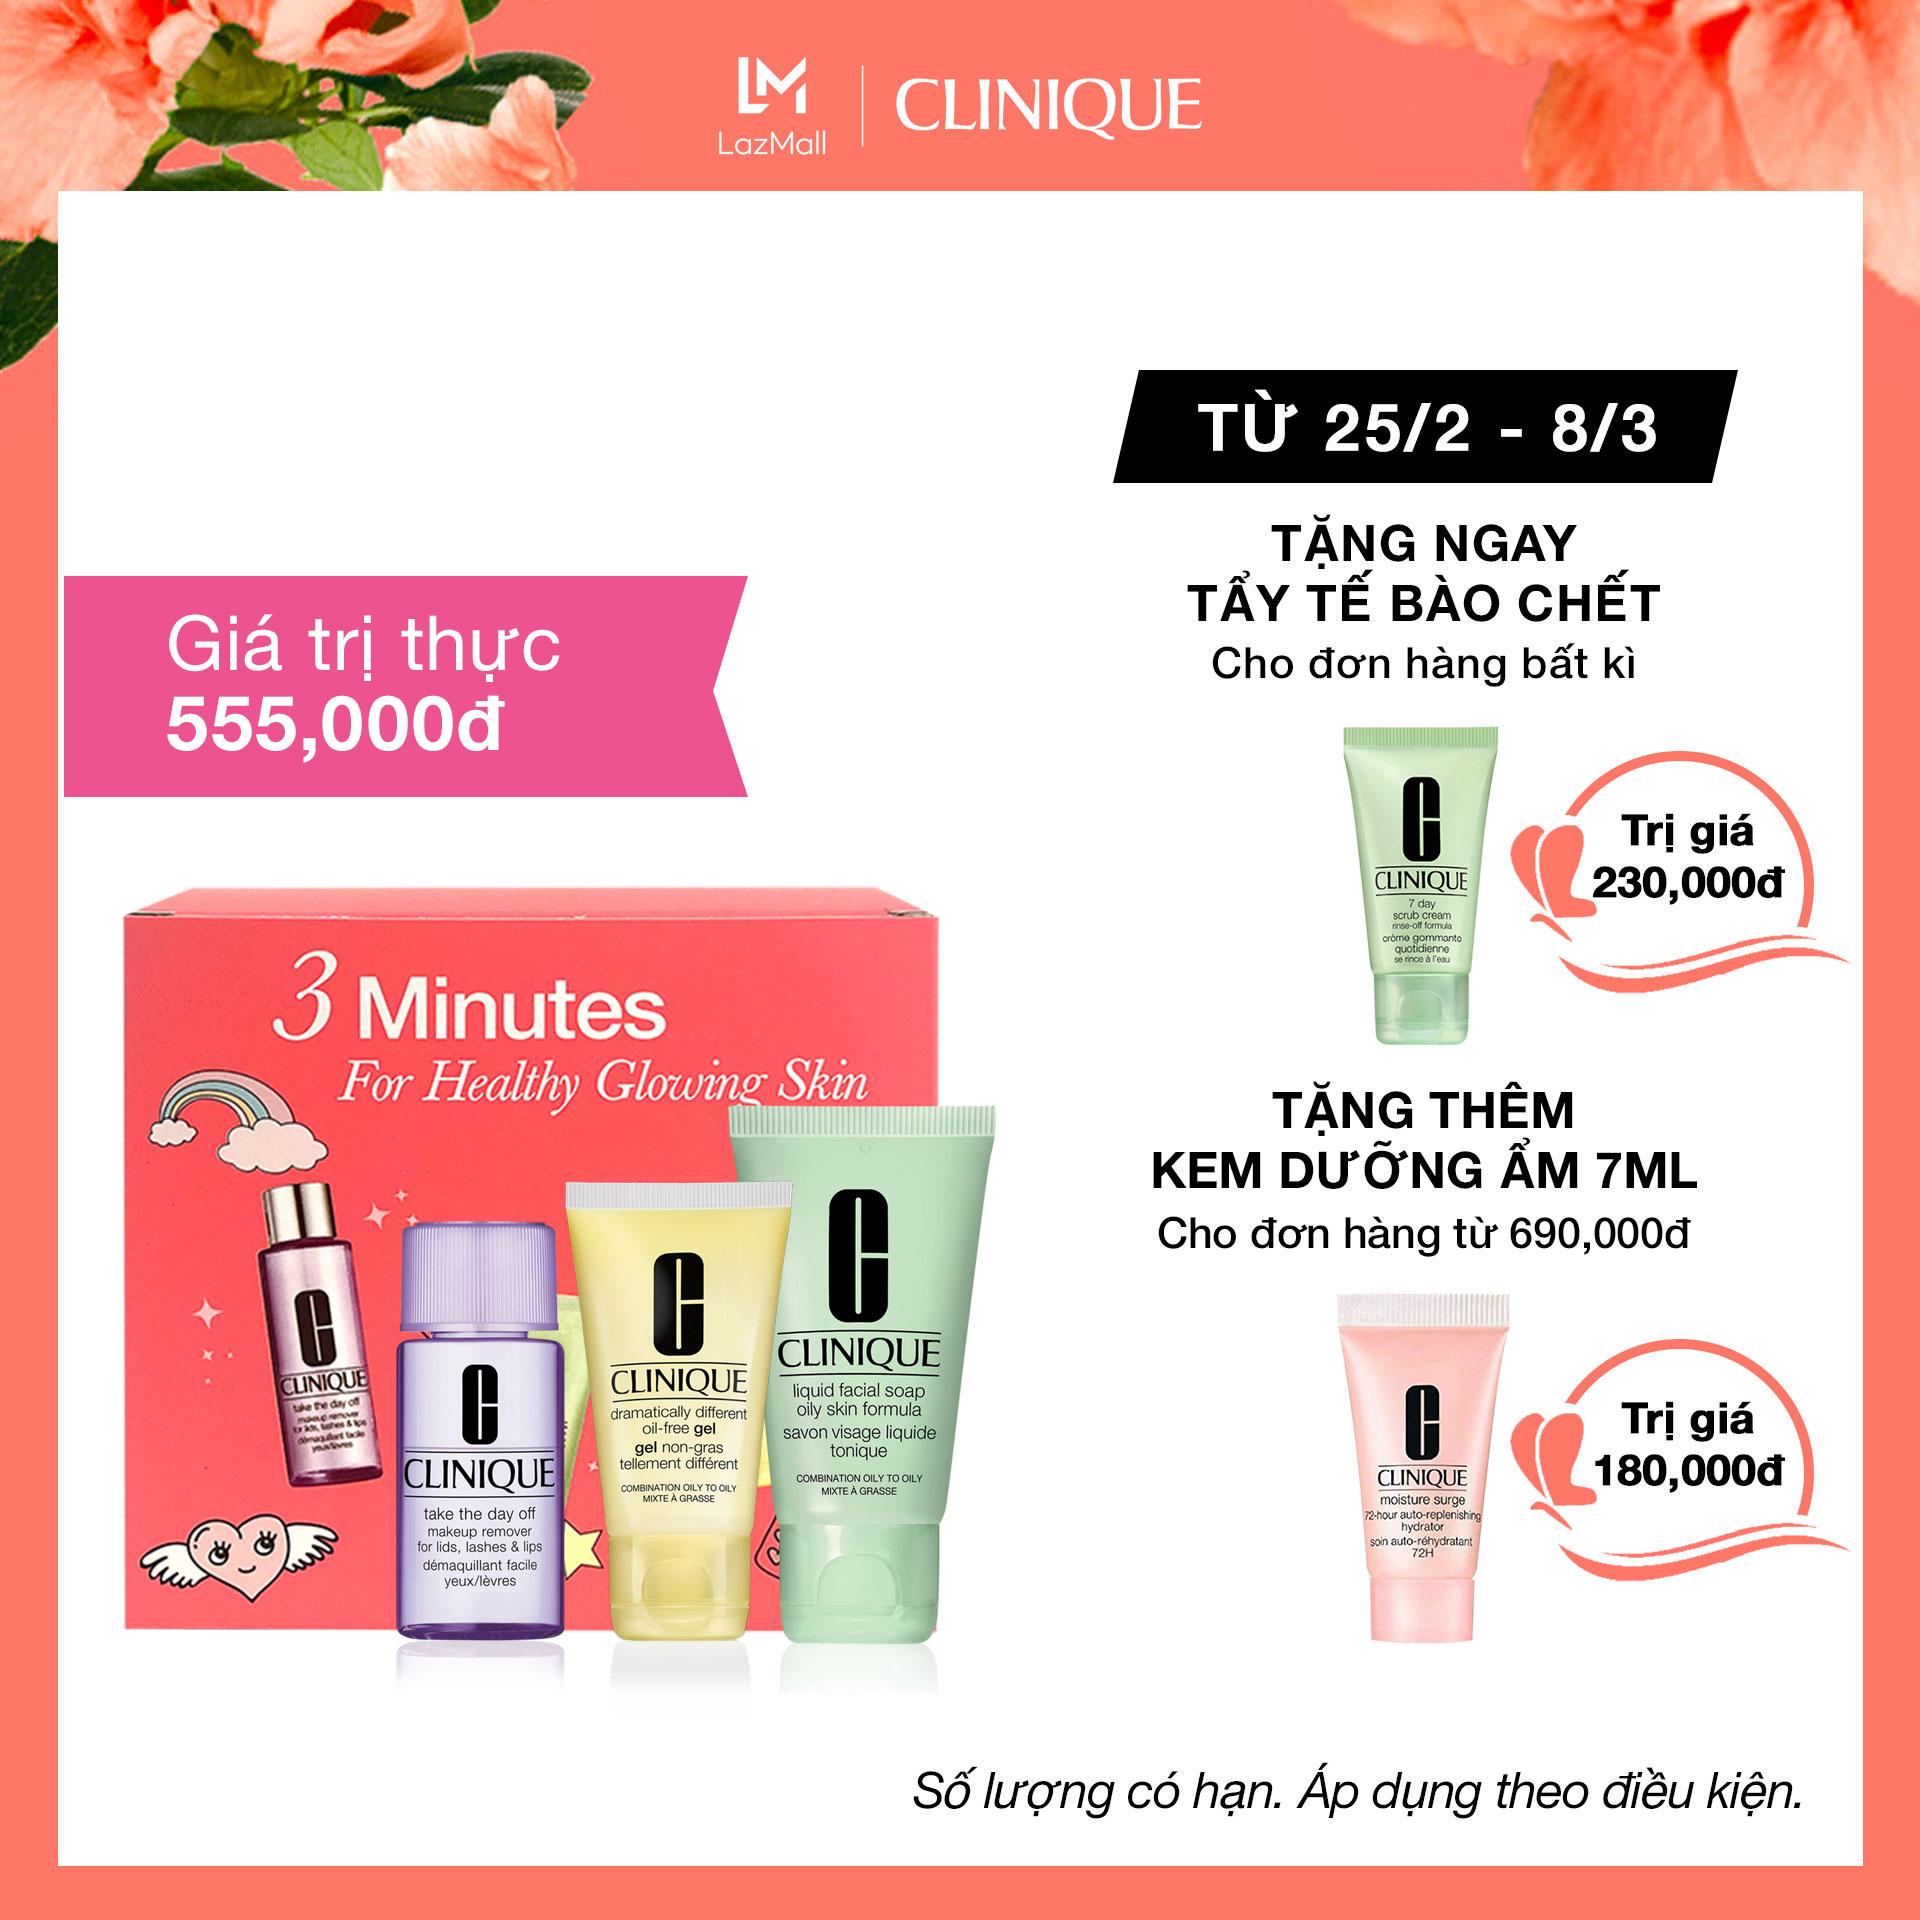 Bộ sản phẩm dùng thử Clinique 30ml: Nước tẩy trang, Sữa rửa mặt, Kem dưỡng ẩm cân bằng nhập khẩu